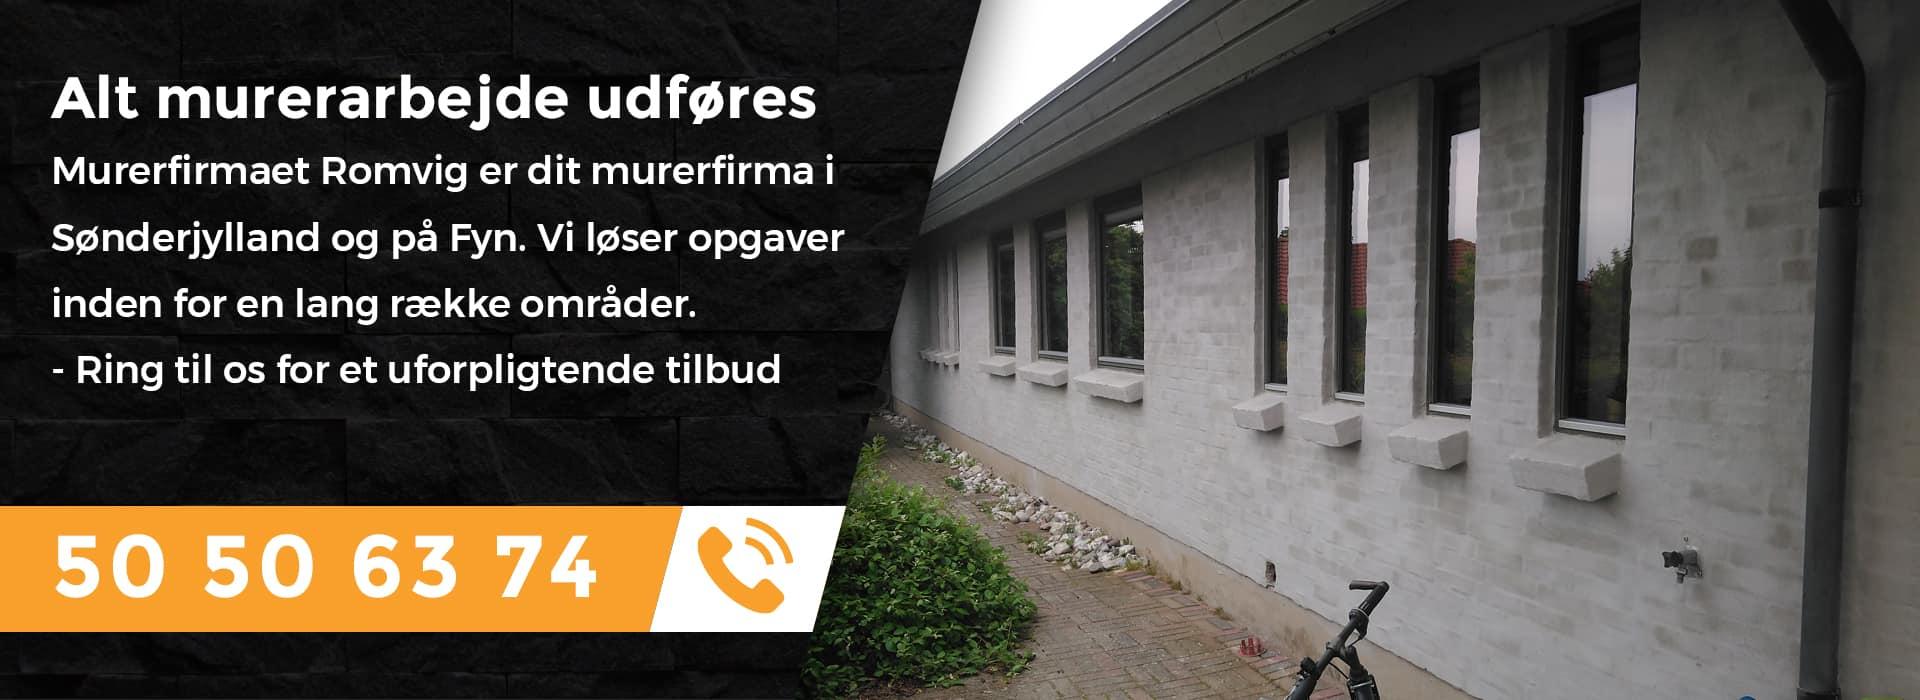 Murer i Sønderjylland og på Fyn udfører alt murerarbejde